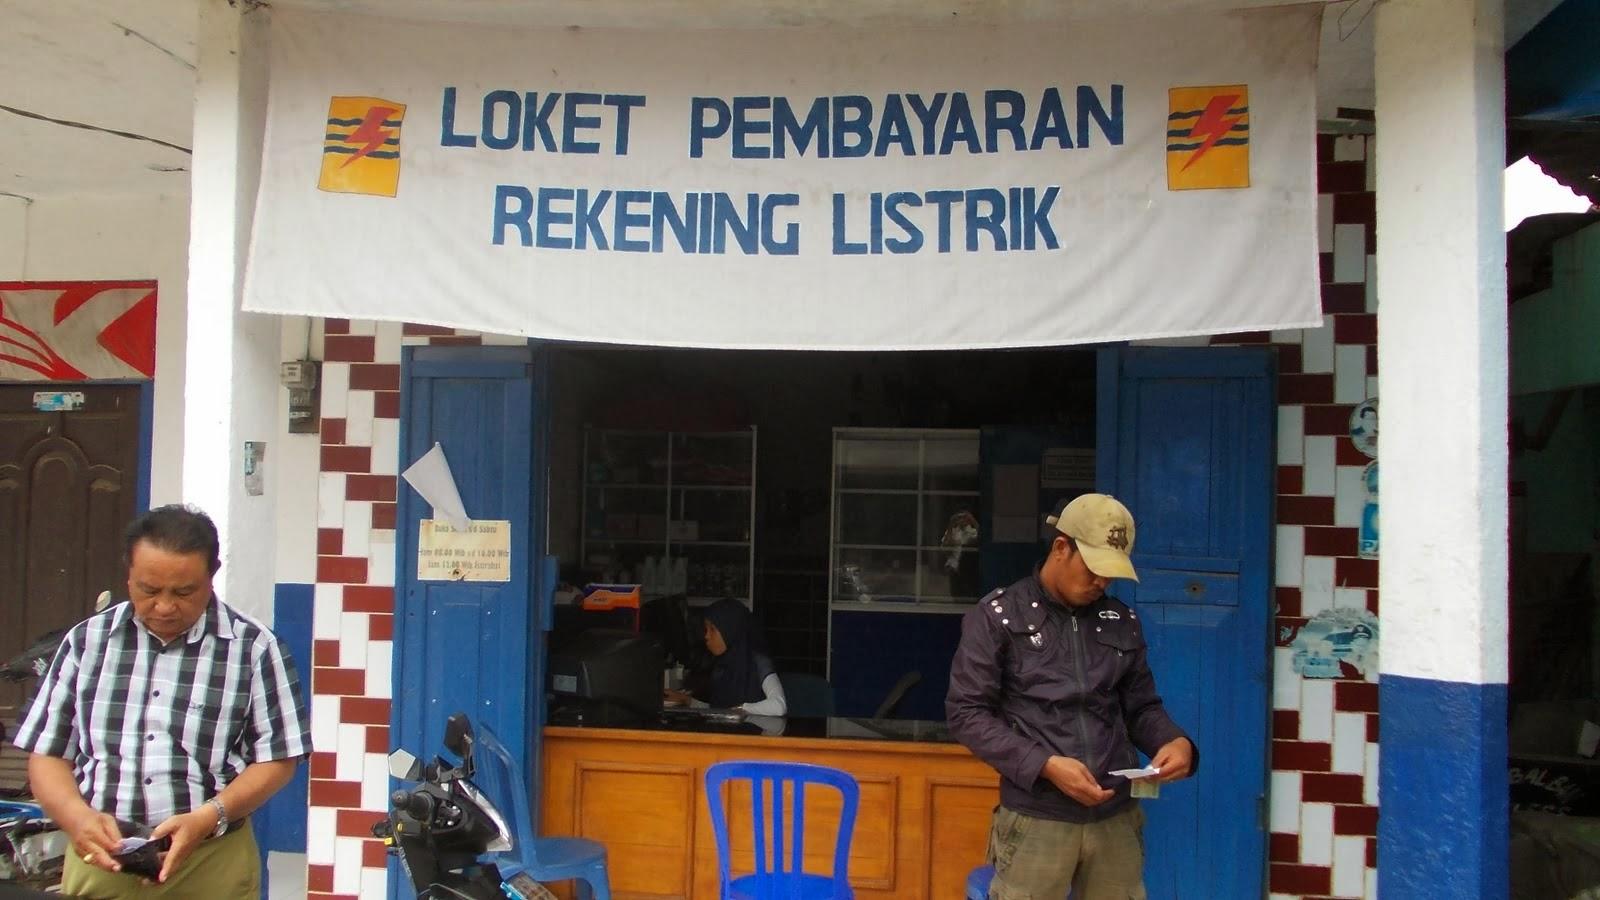 Peluang Bisnis Di Bandung Terbaru Analisa Usaha Jasa Loket Pembayaran Online